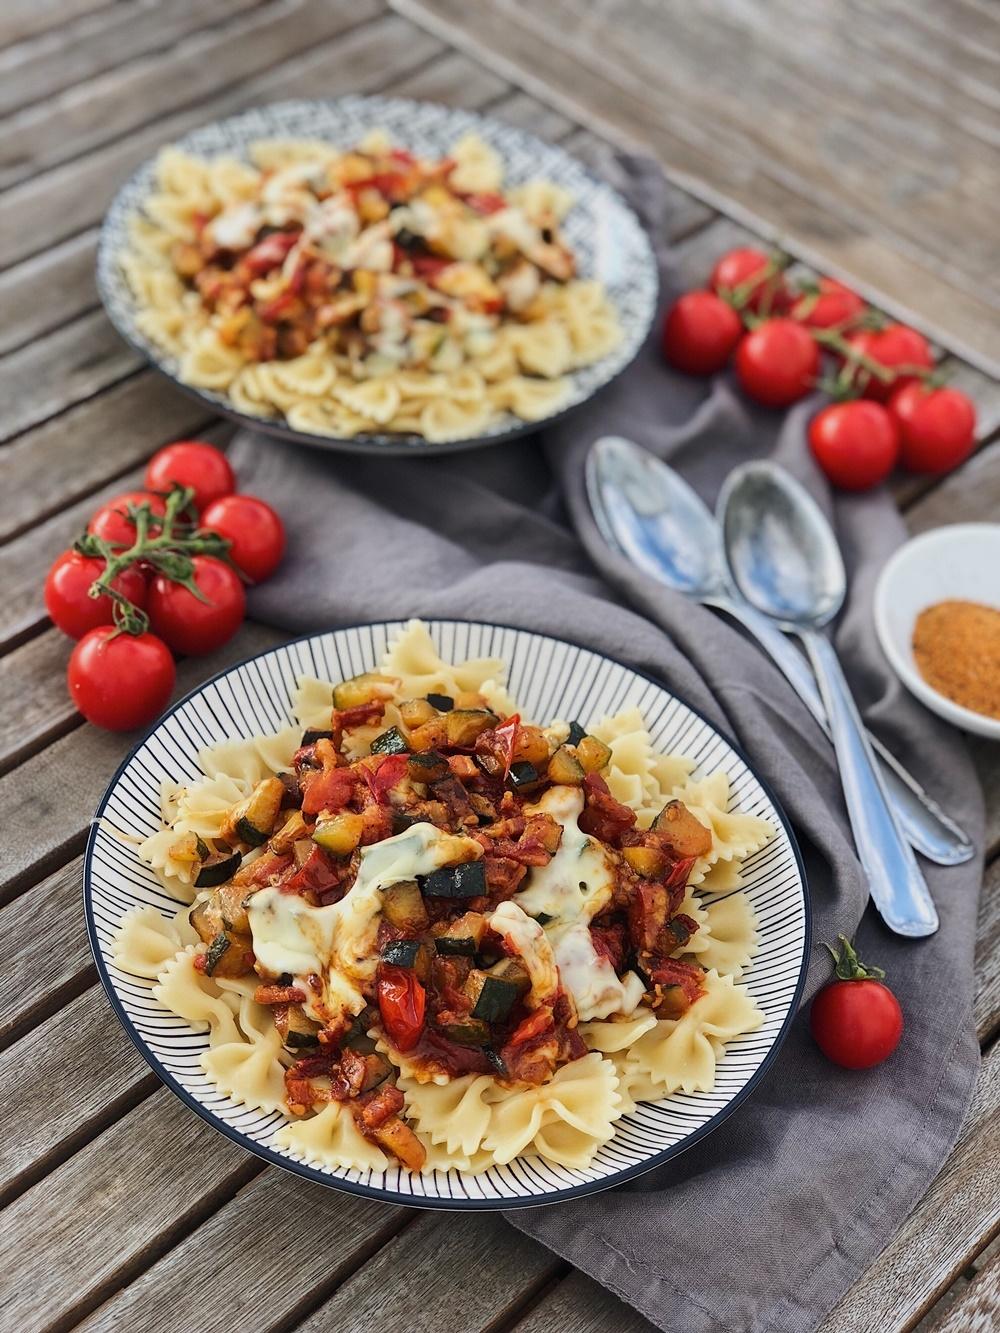 pikante Zucchini-Pfanne mit Tomaten, Speck & Käse